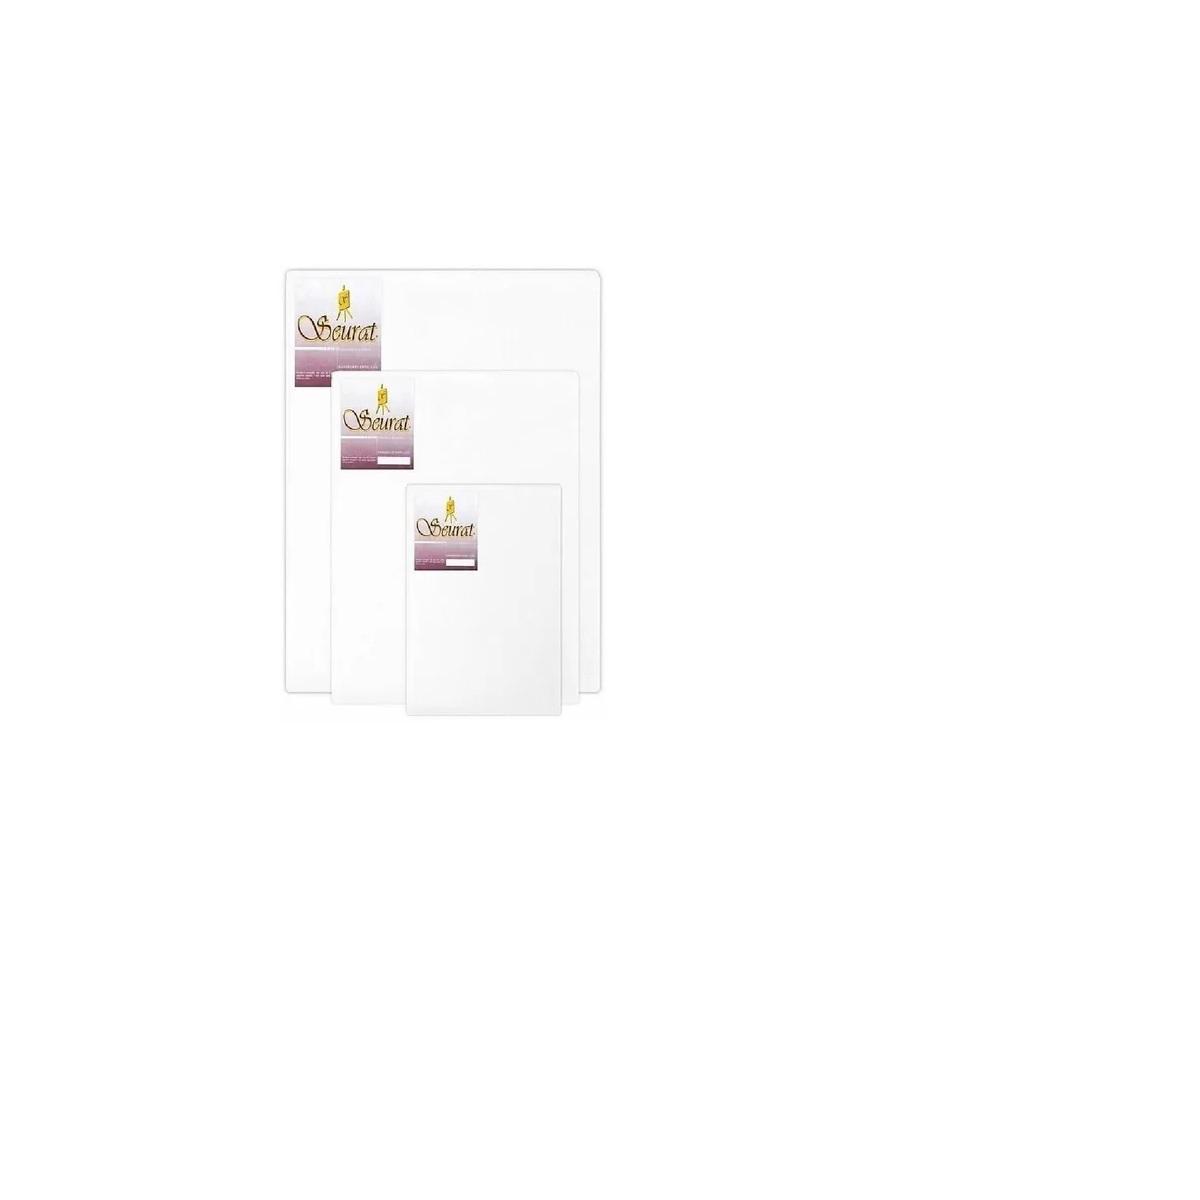 433545 SEURAT                                                       | CARTON ENTELADO 35 X 45 CM HARDBOARD PREPADADO